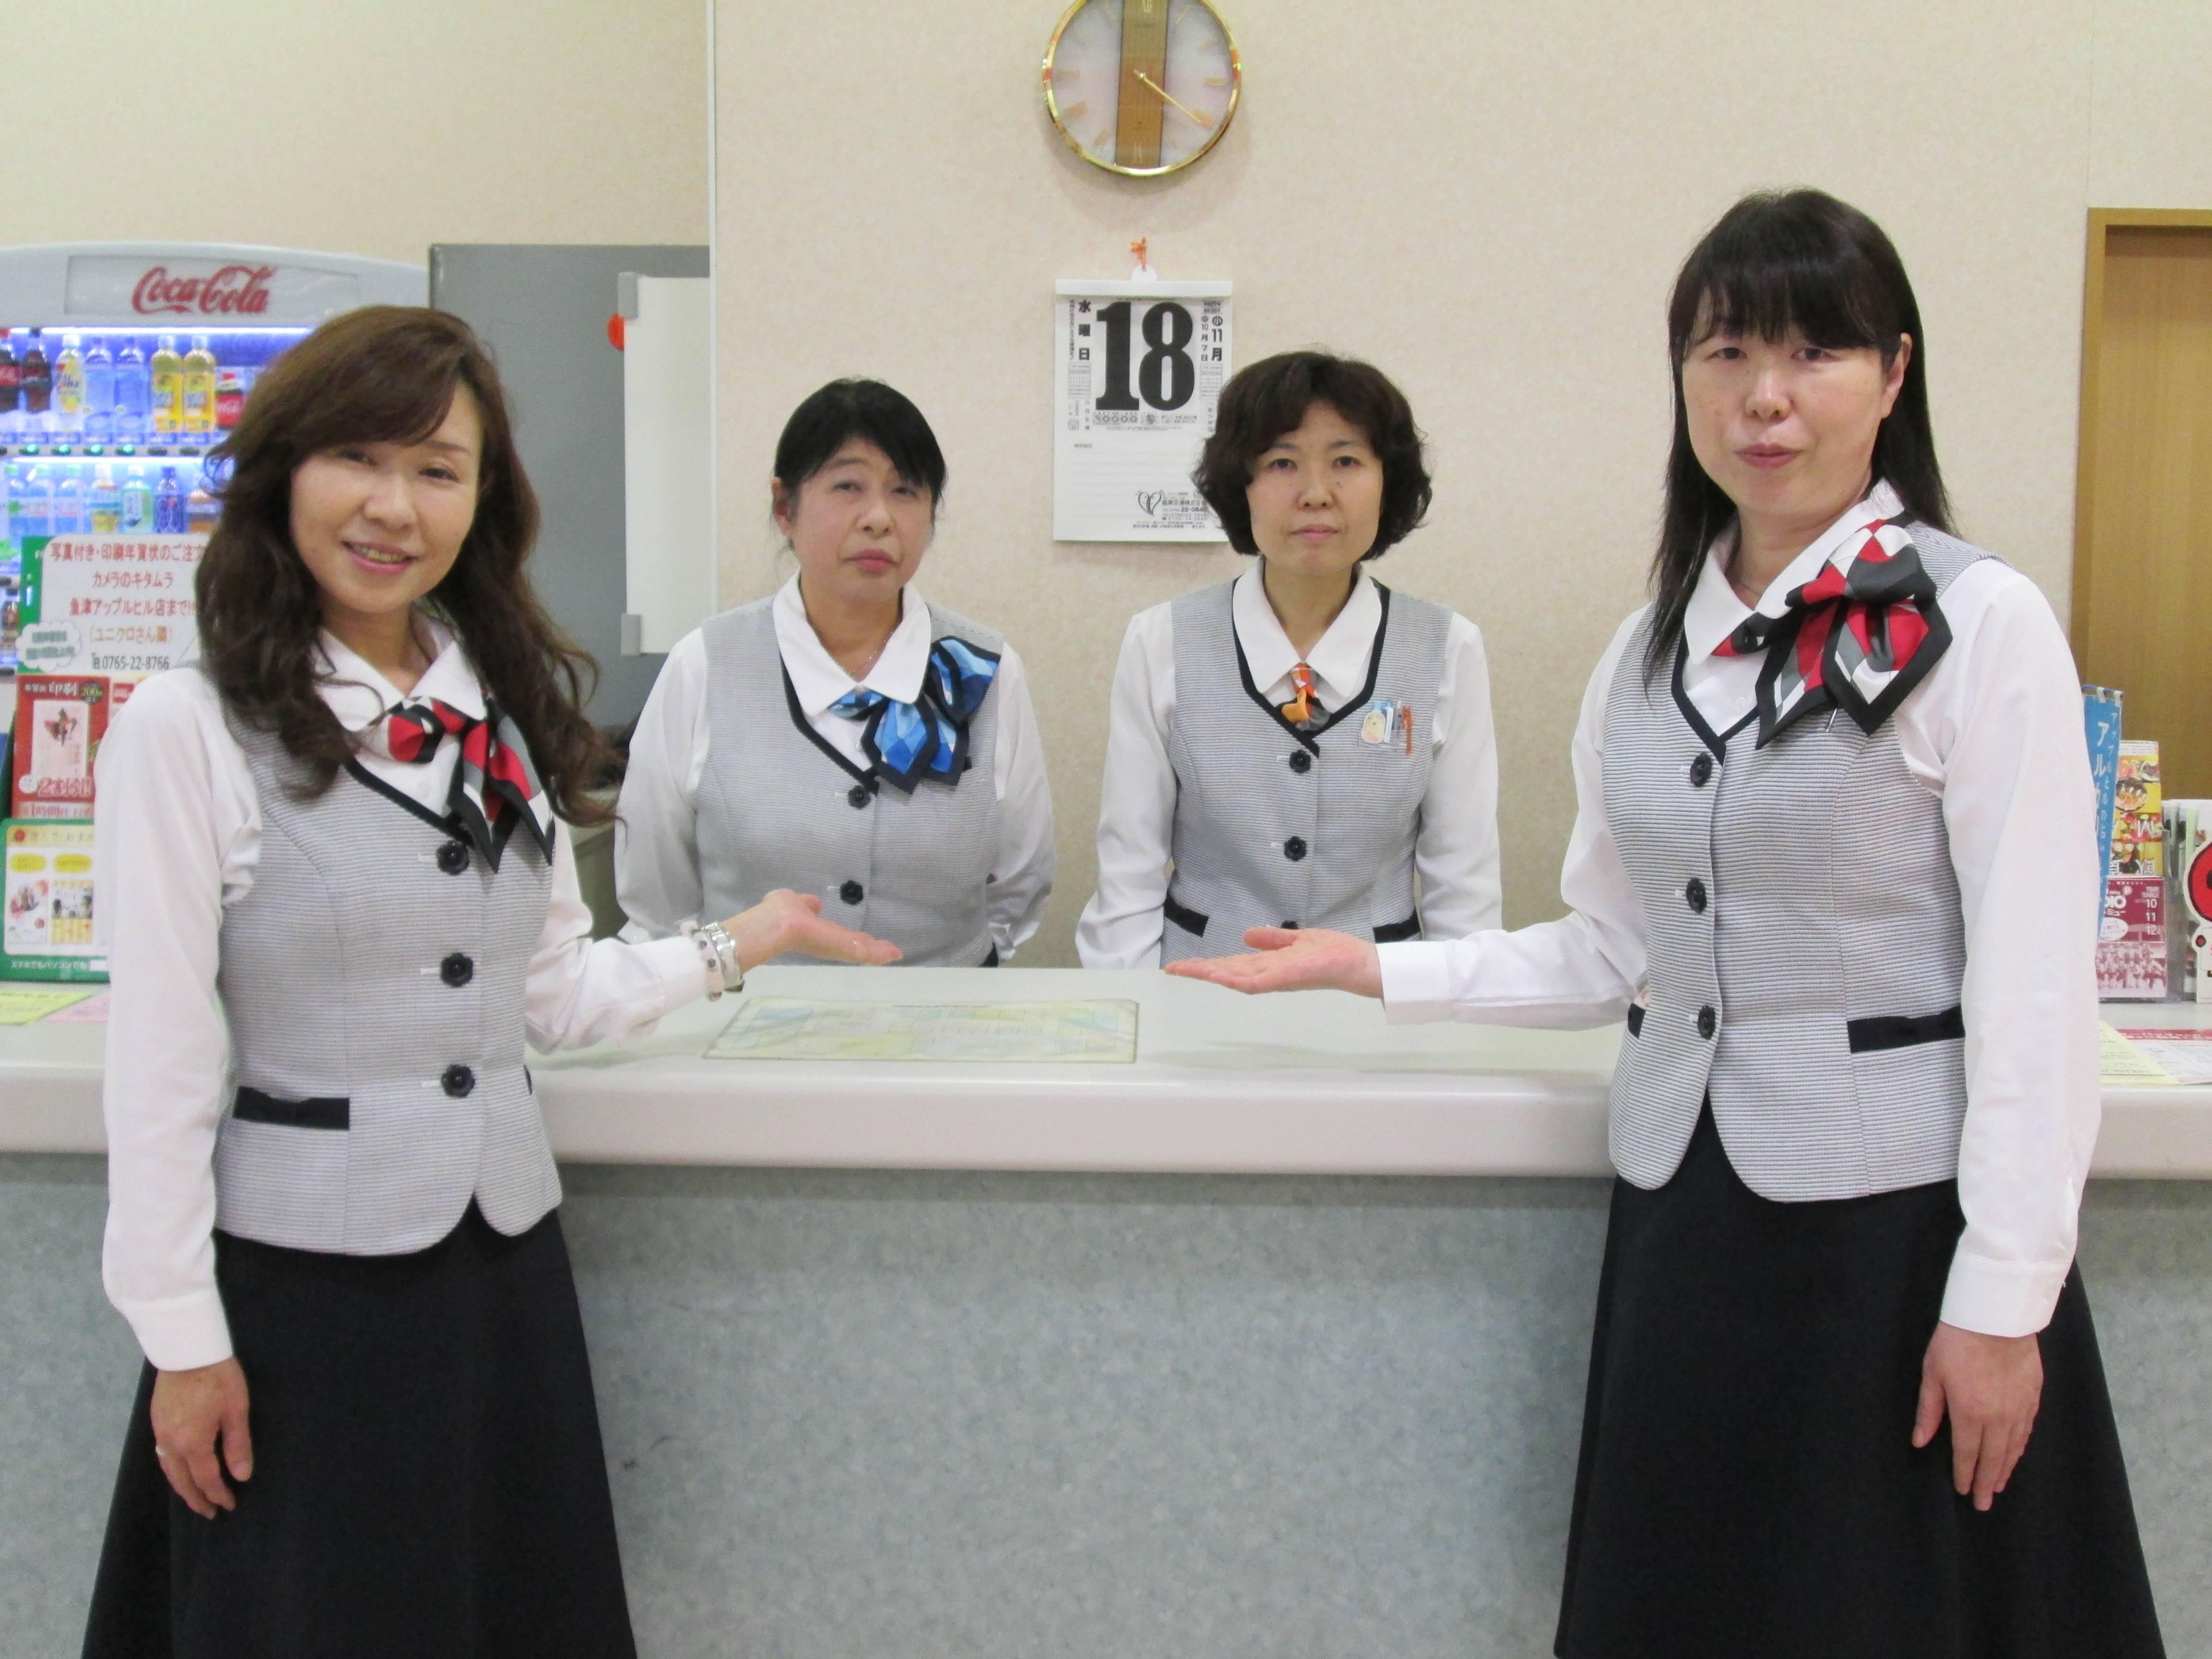 「アップルヒル」インフォメーションの制服が新しくなりました!の画像